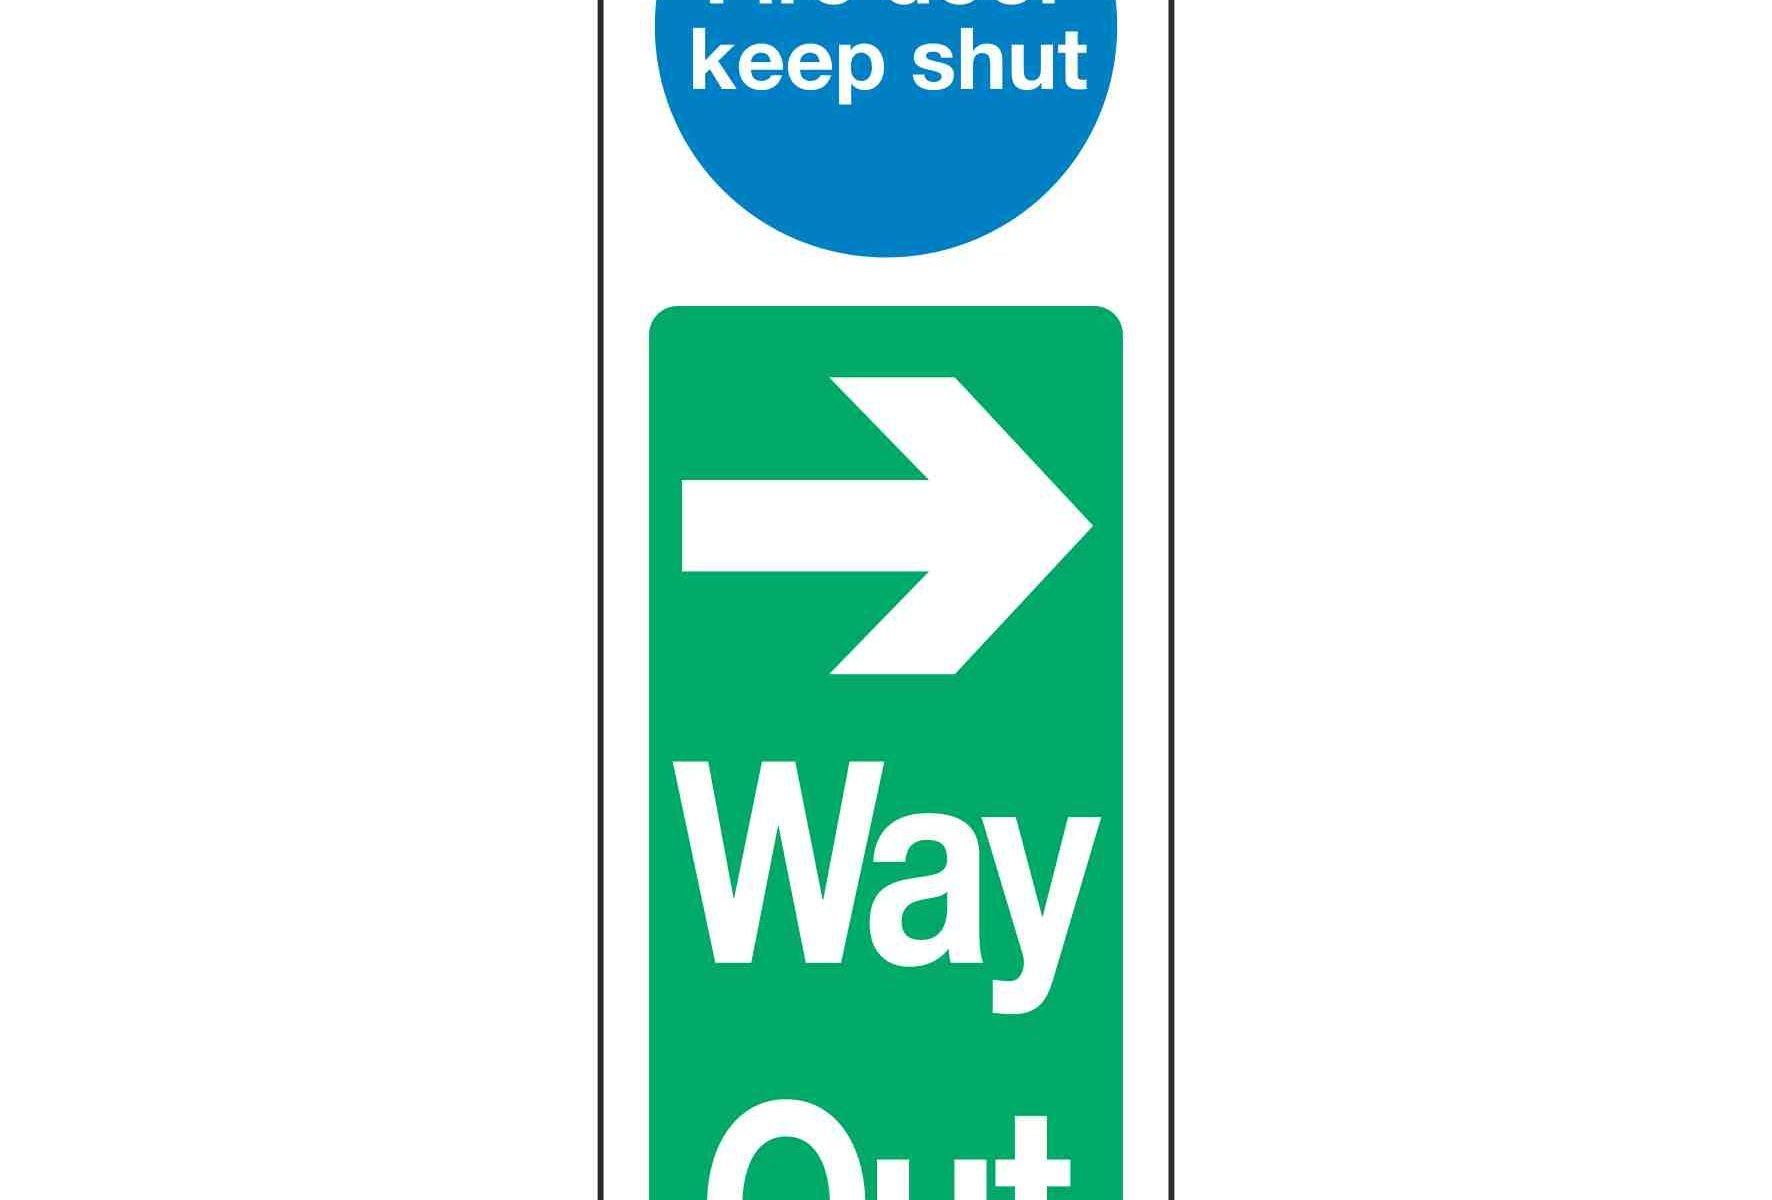 Fire door keep shut Right Arrow Way Out